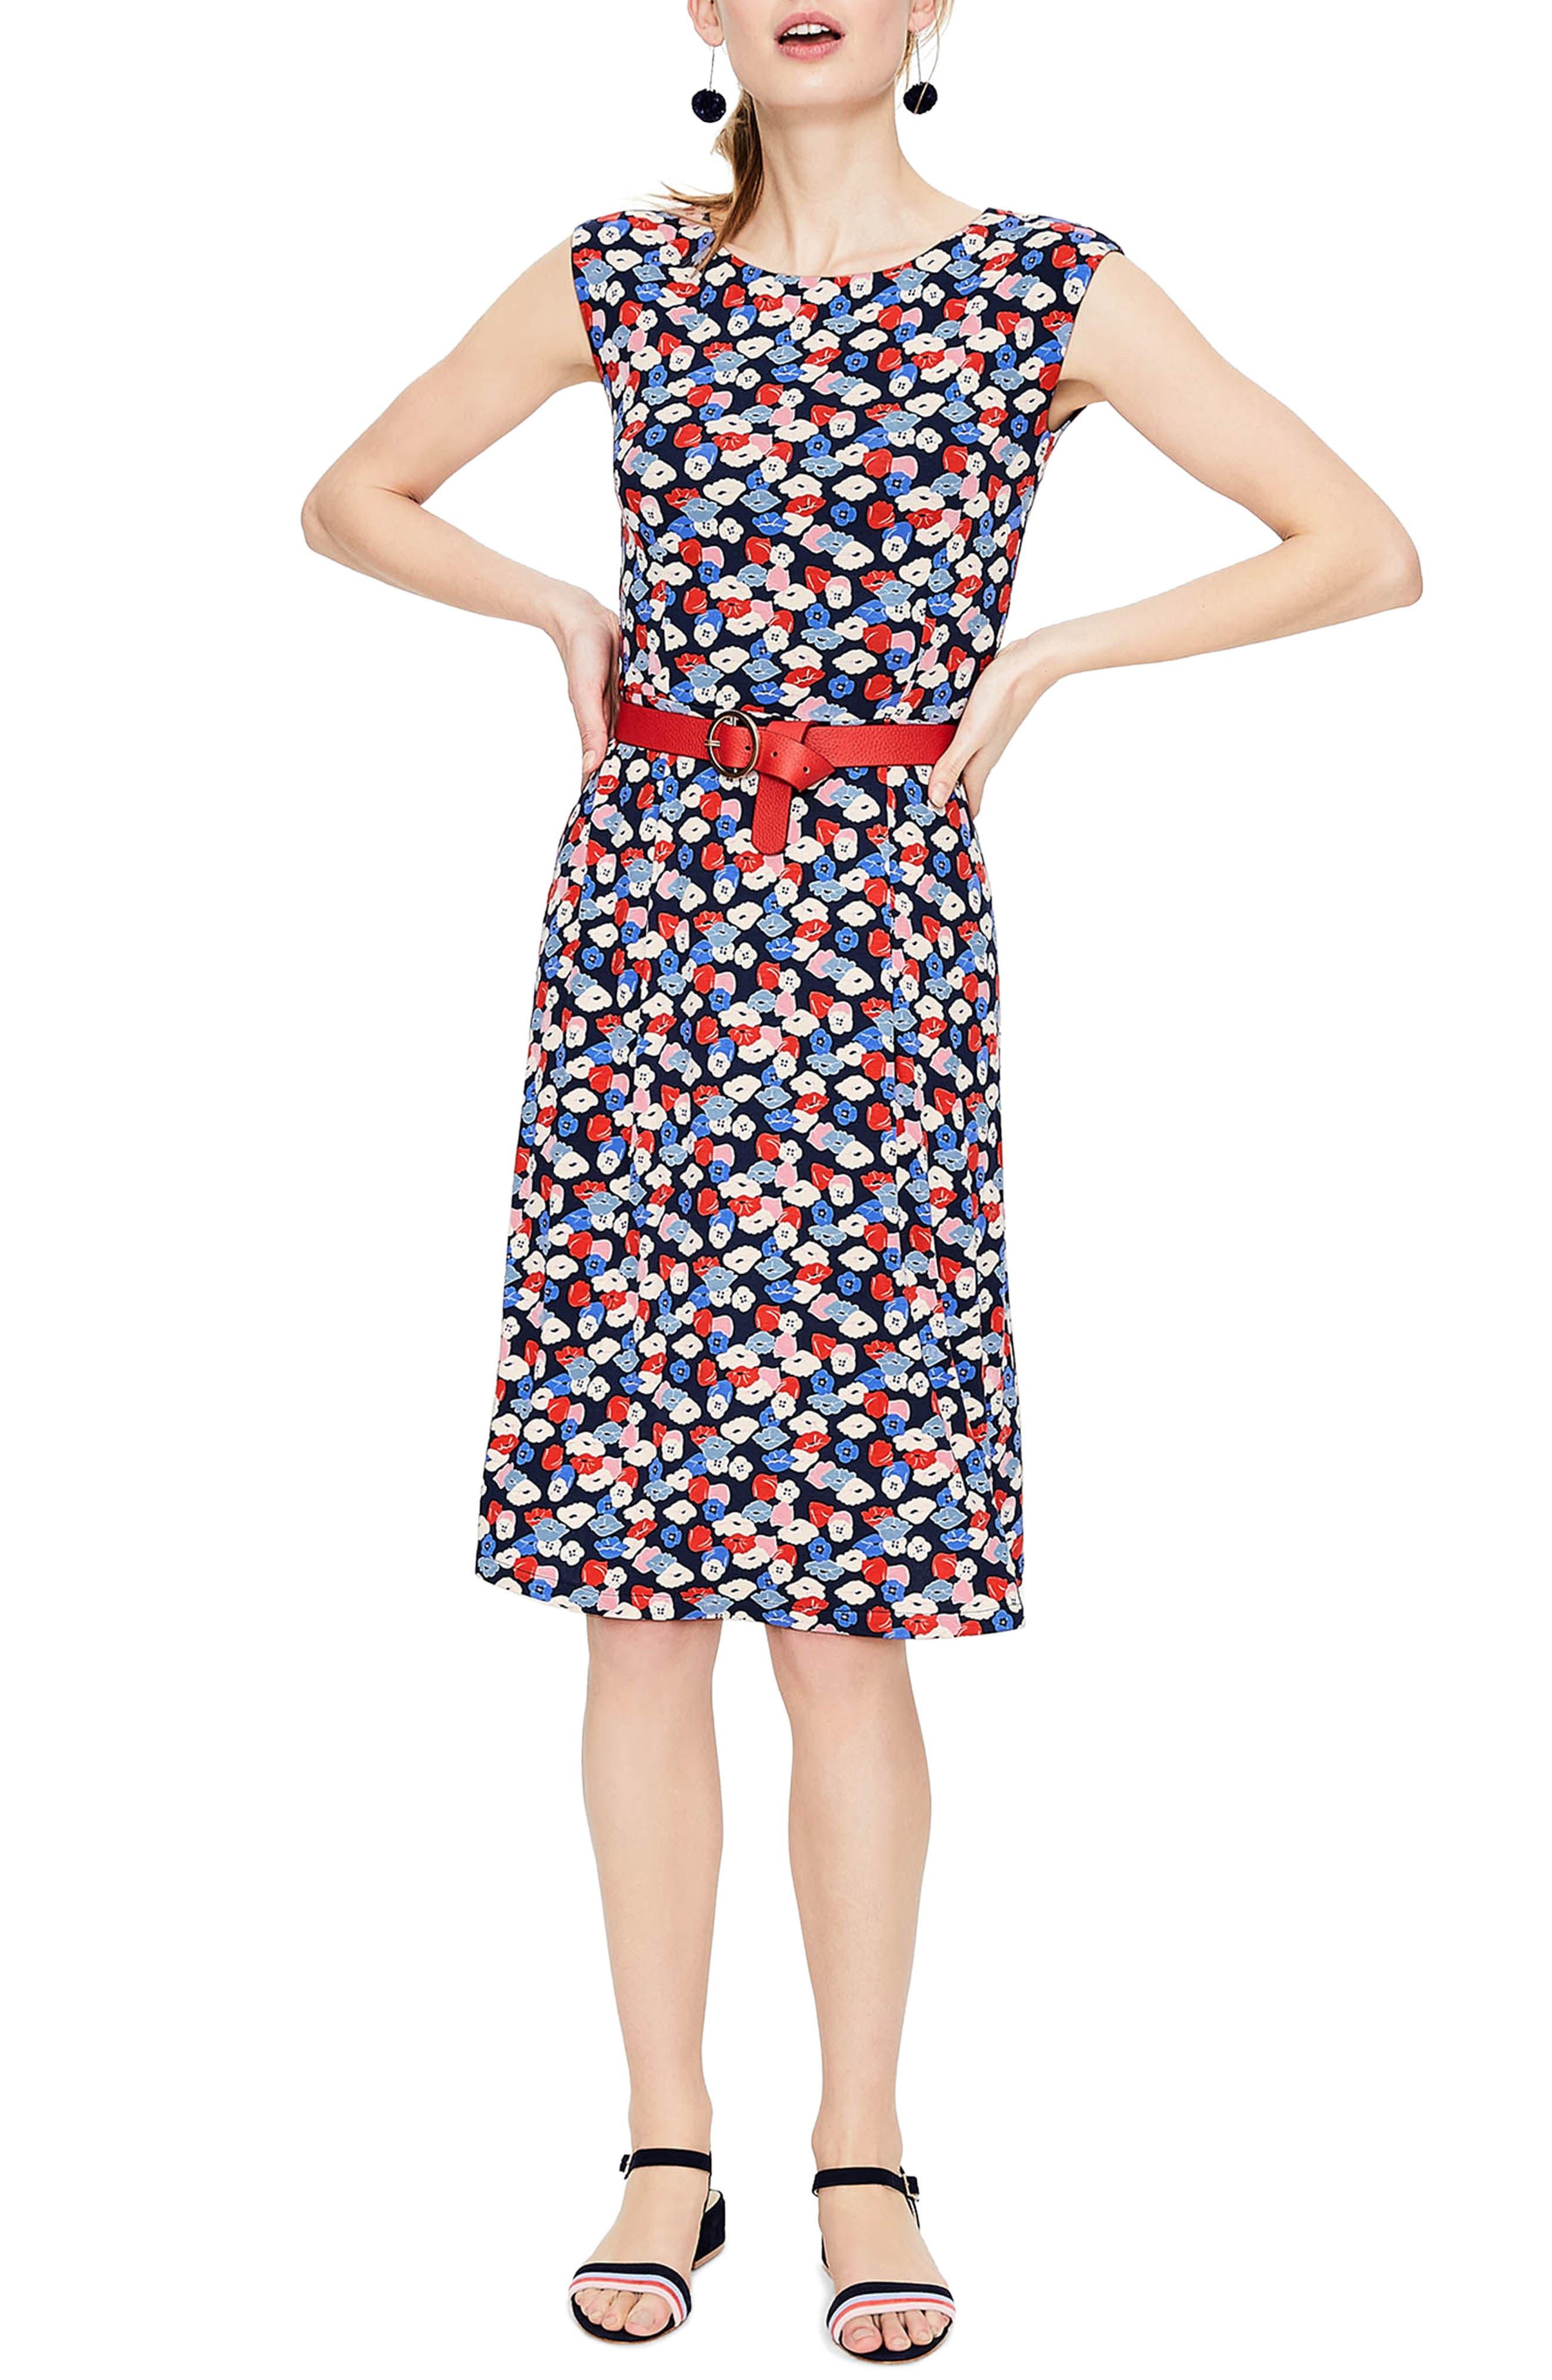 Alternate Image 1 Selected - Boden Marina Belted Floral Jersey Dress